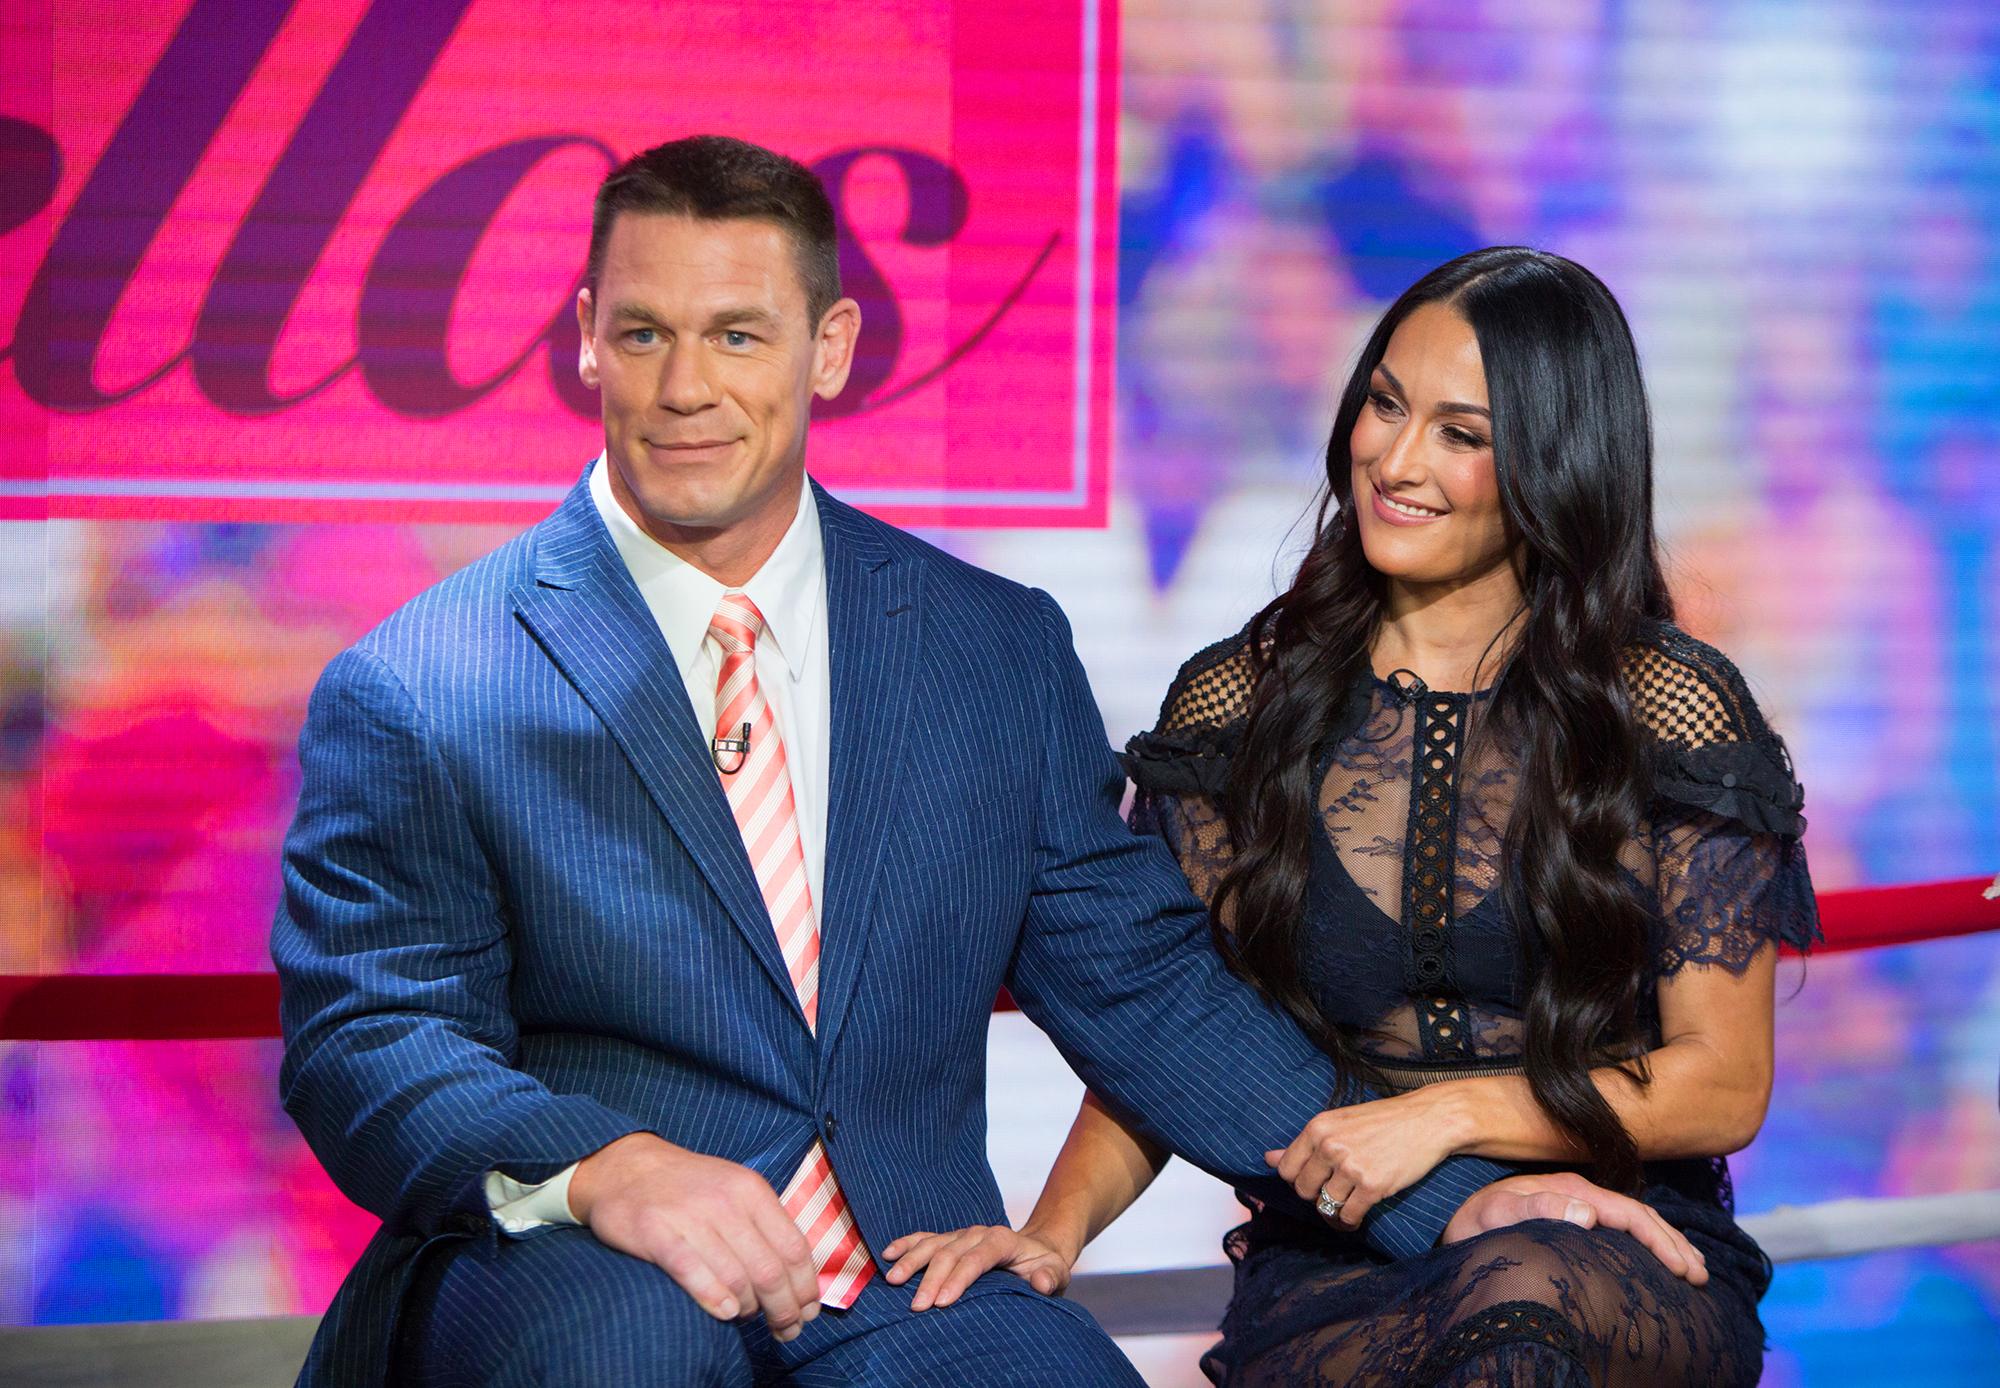 John Cena and Nikki Bella Spotted Together After Split